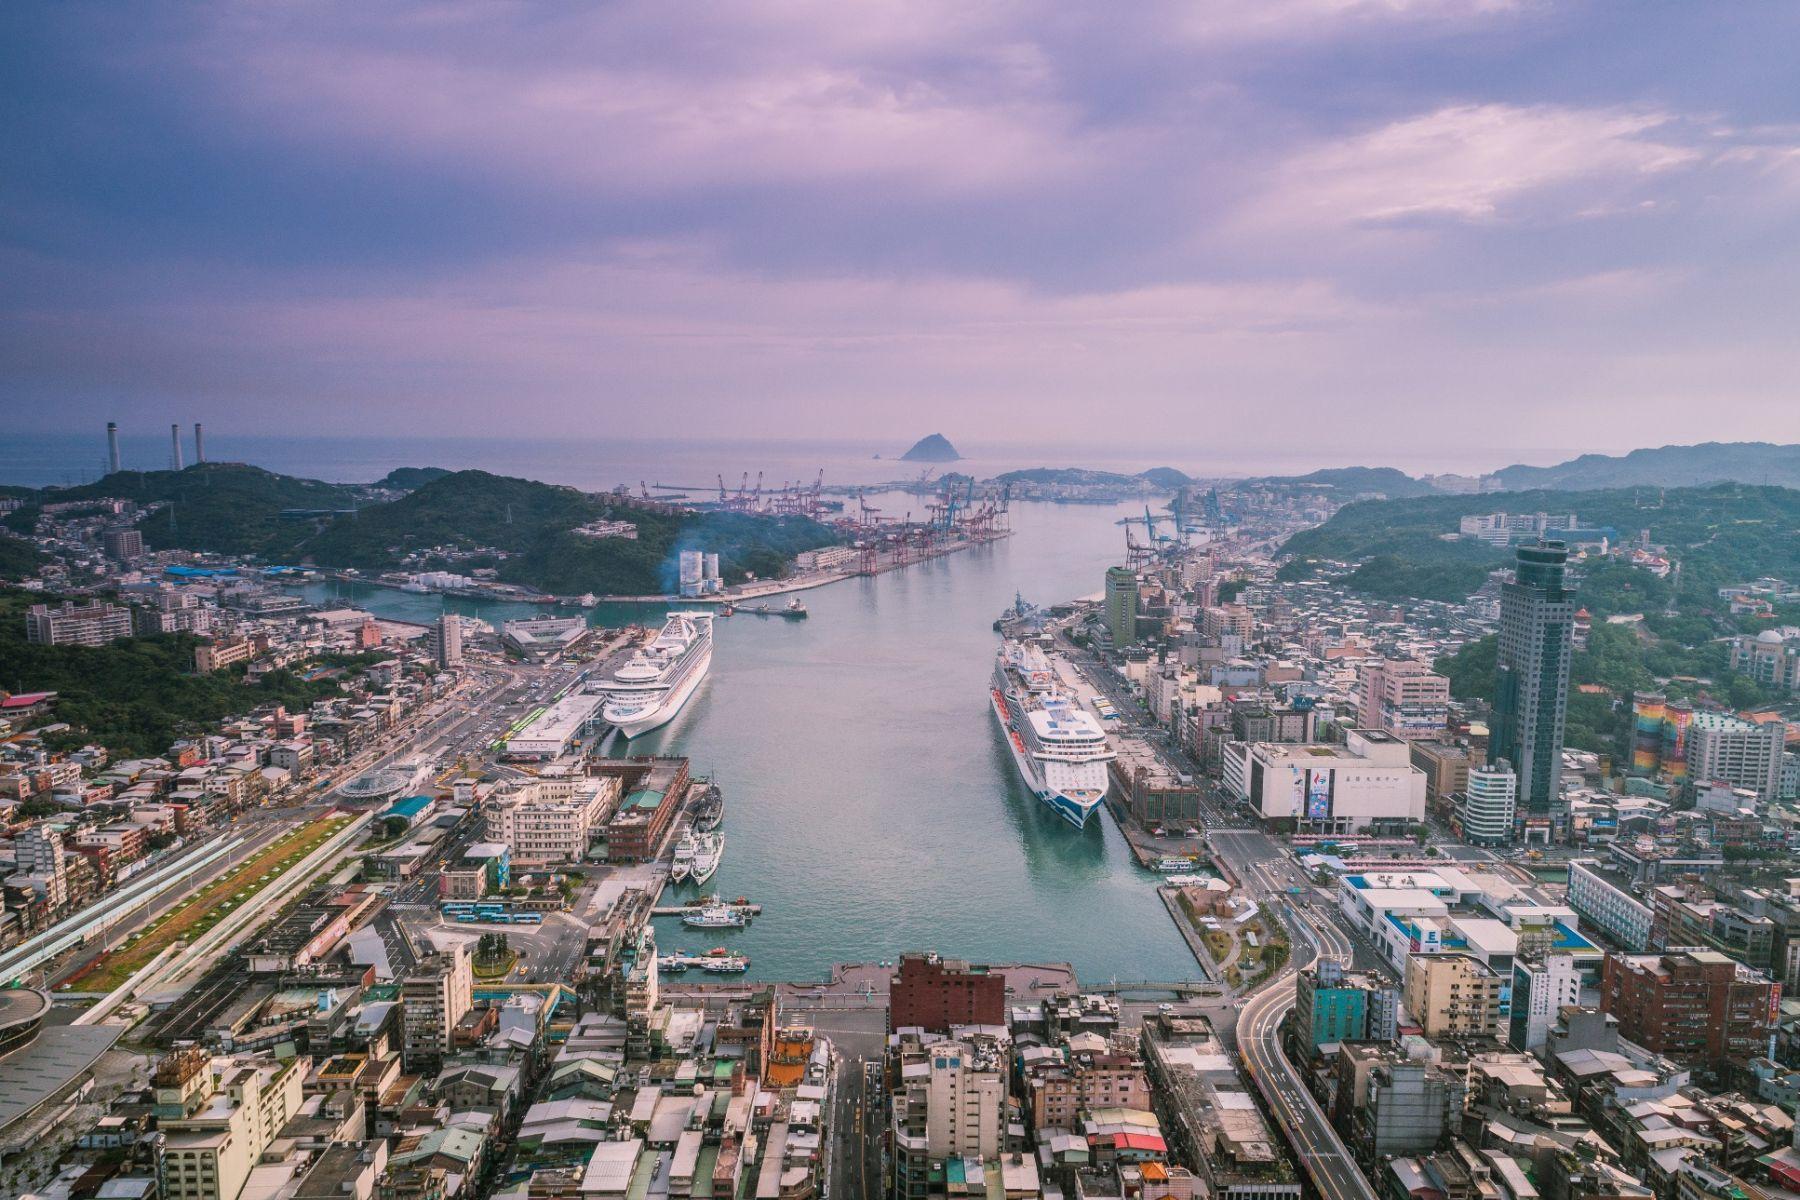 提升公務員英語溝通力!基隆打造國際友善城市 成亞洲最佳郵輪母港